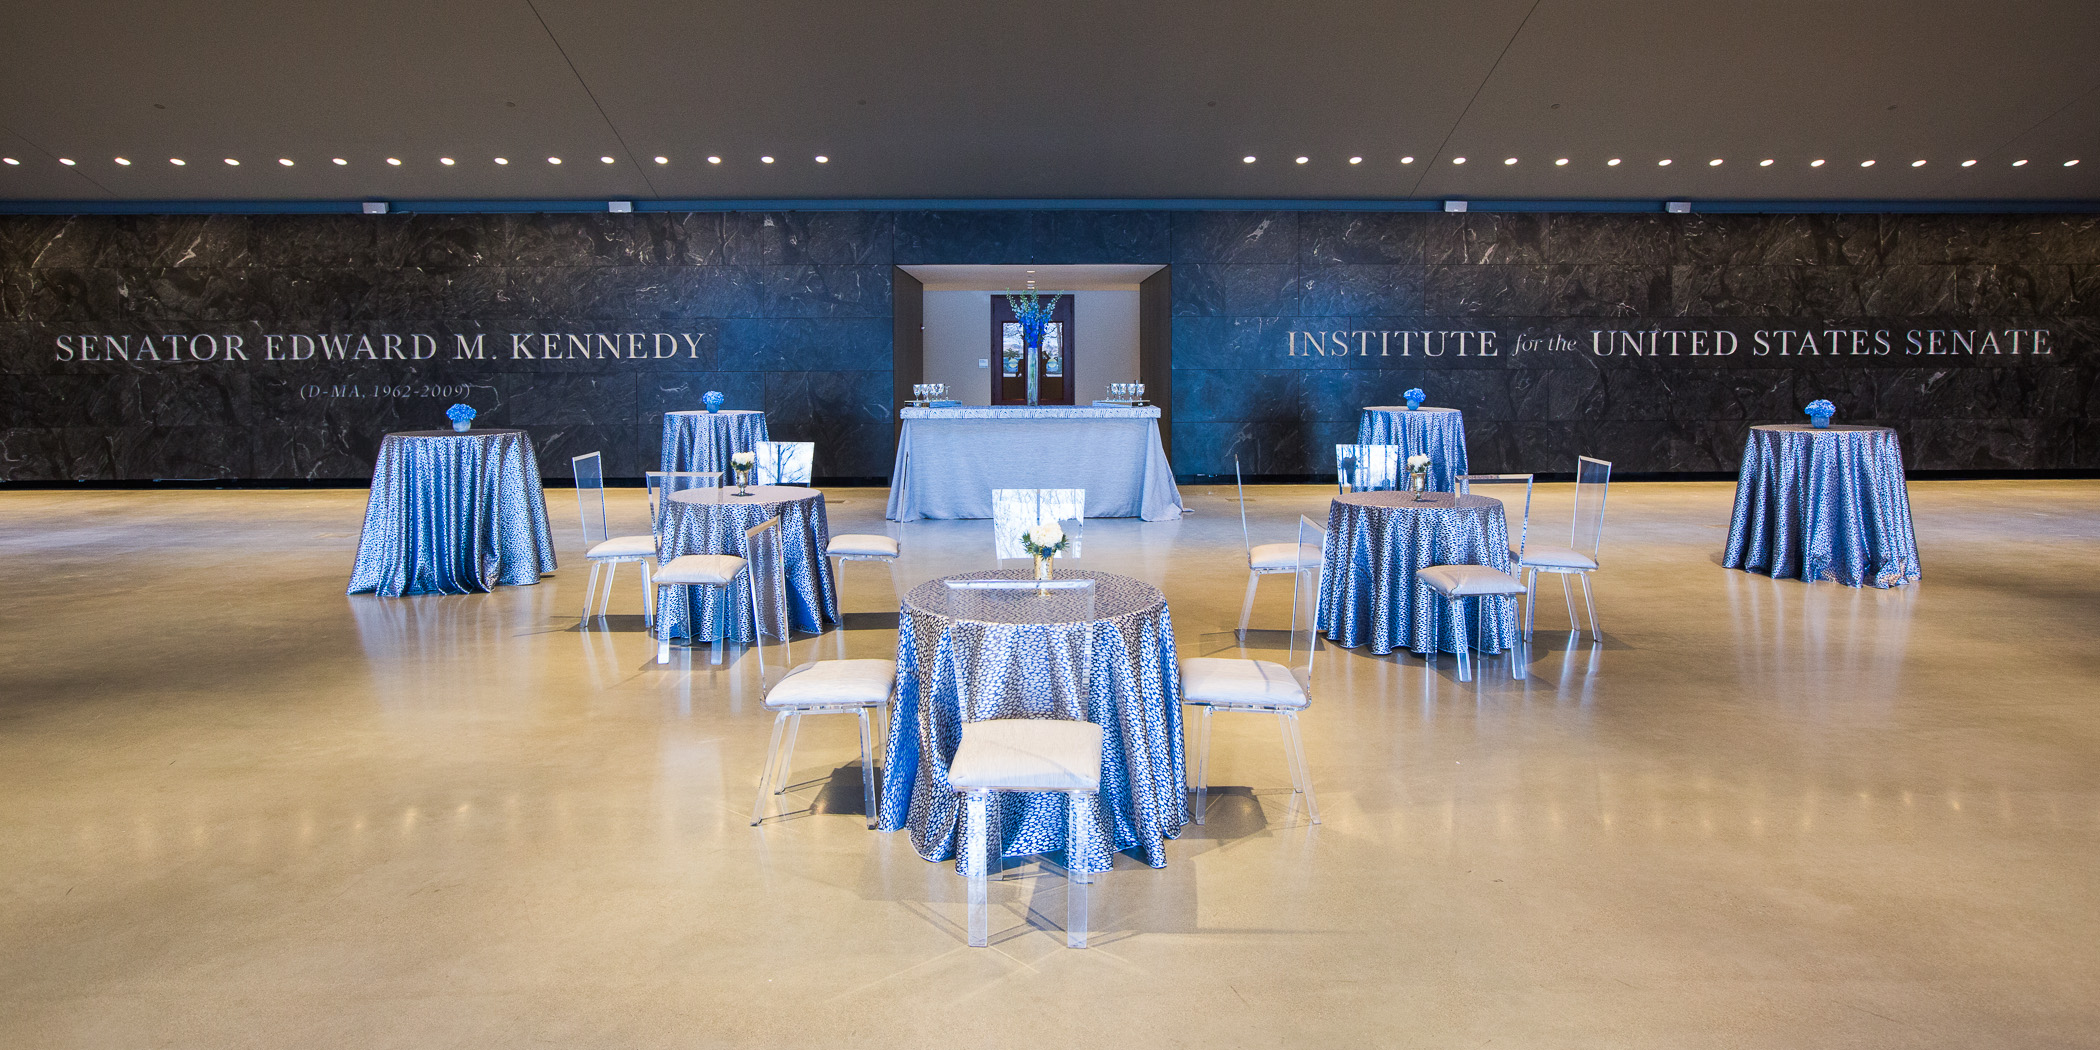 Lobby tables arranged